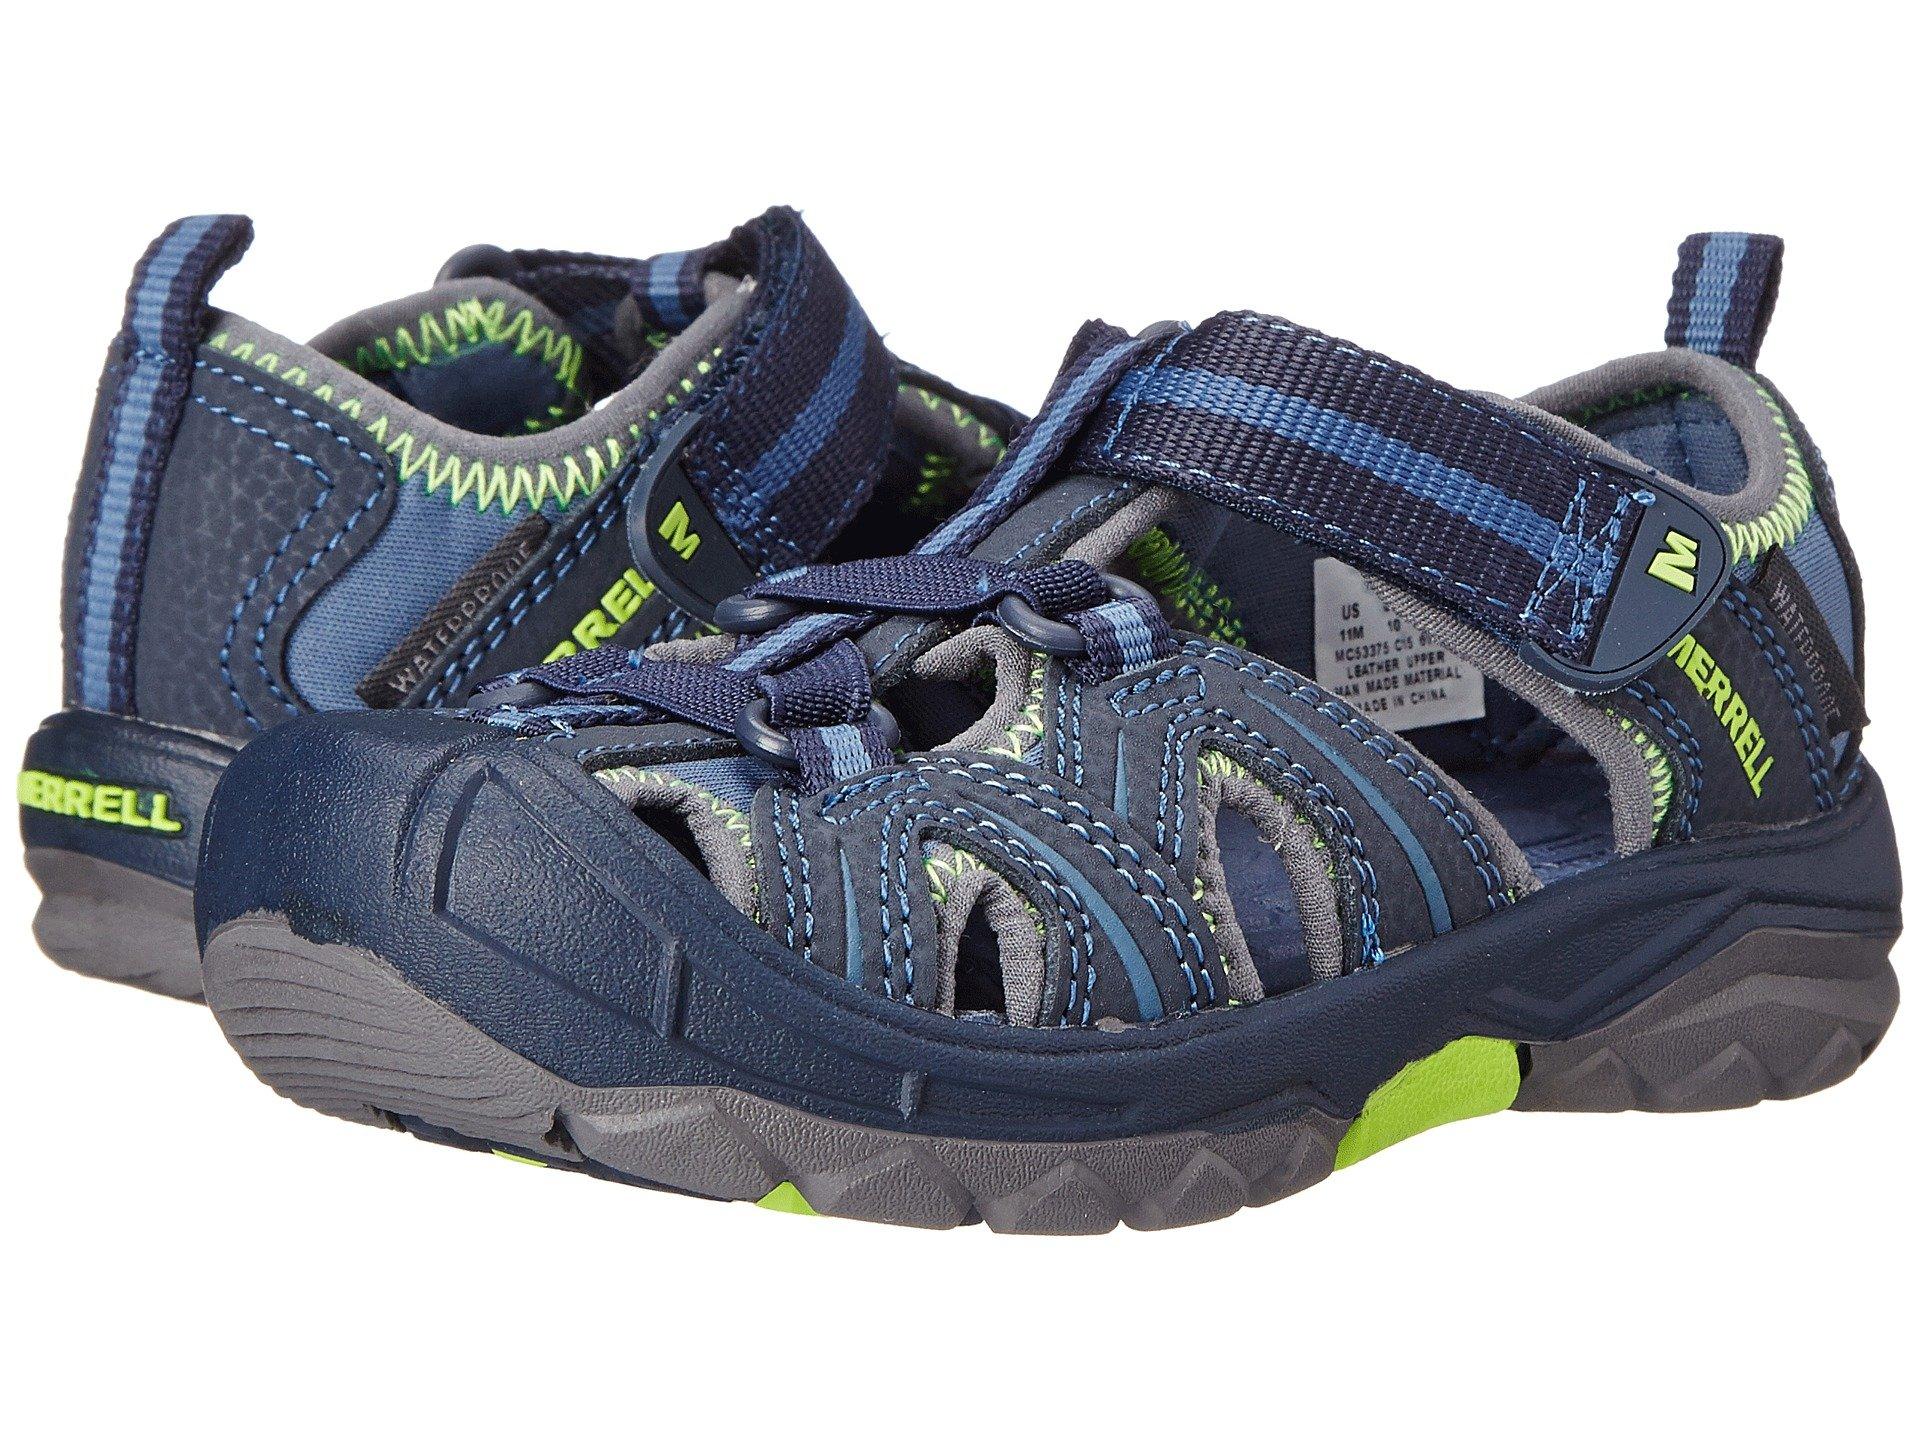 d5bb9d2eaf7e35 Boy s Navy Sandals + FREE SHIPPING